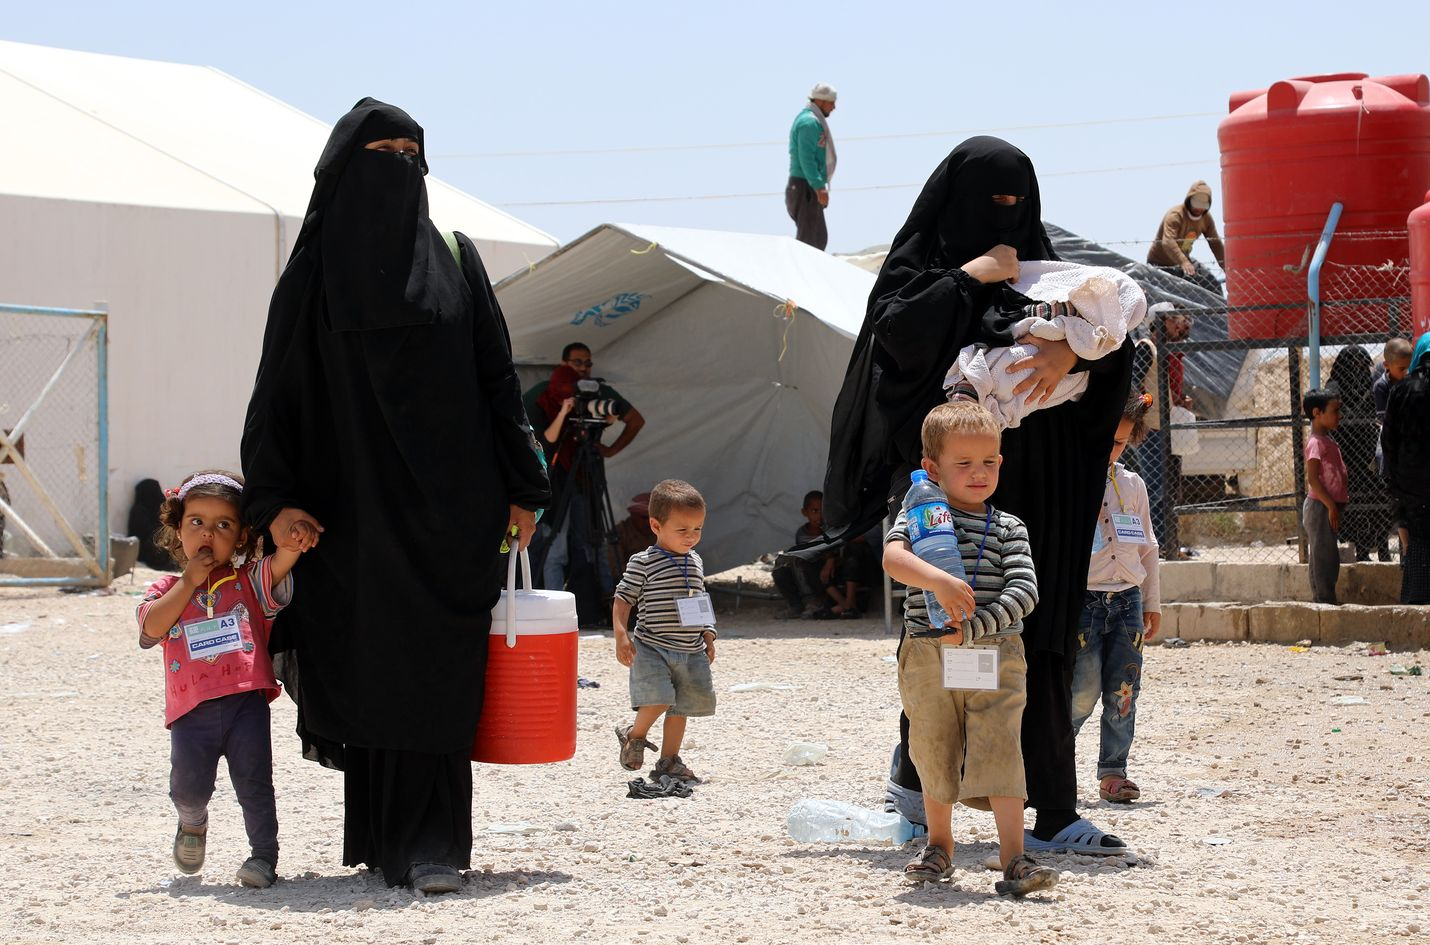 Syyriassa sijaitsevalla al-Holin pakolaisleirillä asuu tiettävästi noin kymmenen suomalaista naista ja heidän noin 30 lastaan.